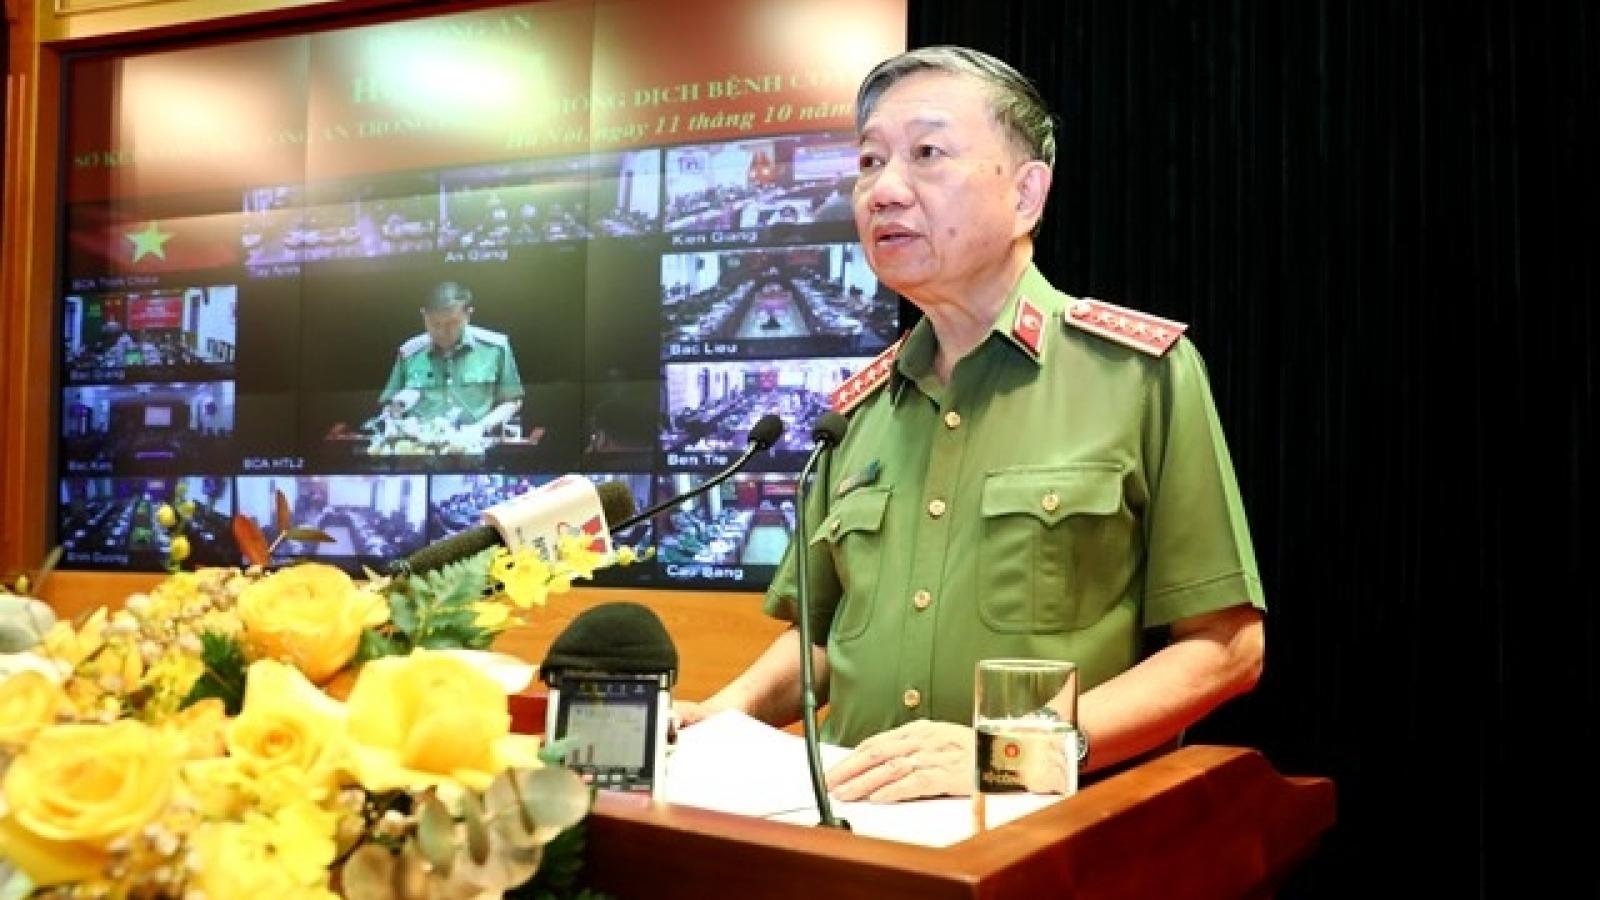 Hơn 100.000cán bộ, chiến sĩ công an tham gia phòng, chống dịch